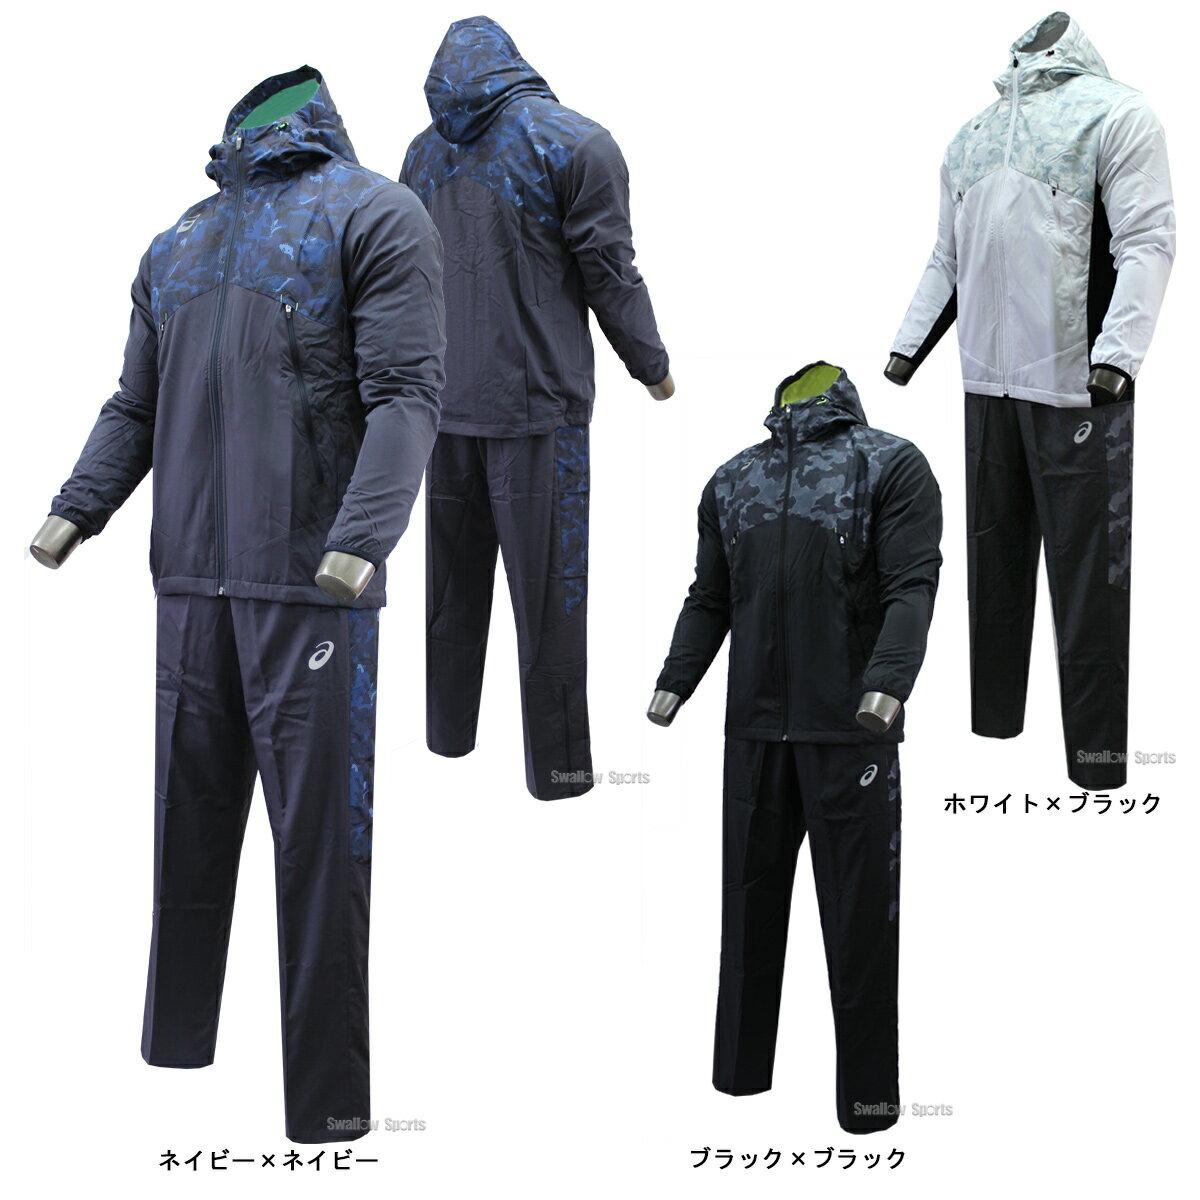 【あす楽対応】 アシックス 限定 ゴールドステージ ウインドアップジャケット 上下セット BAW010-BAW011